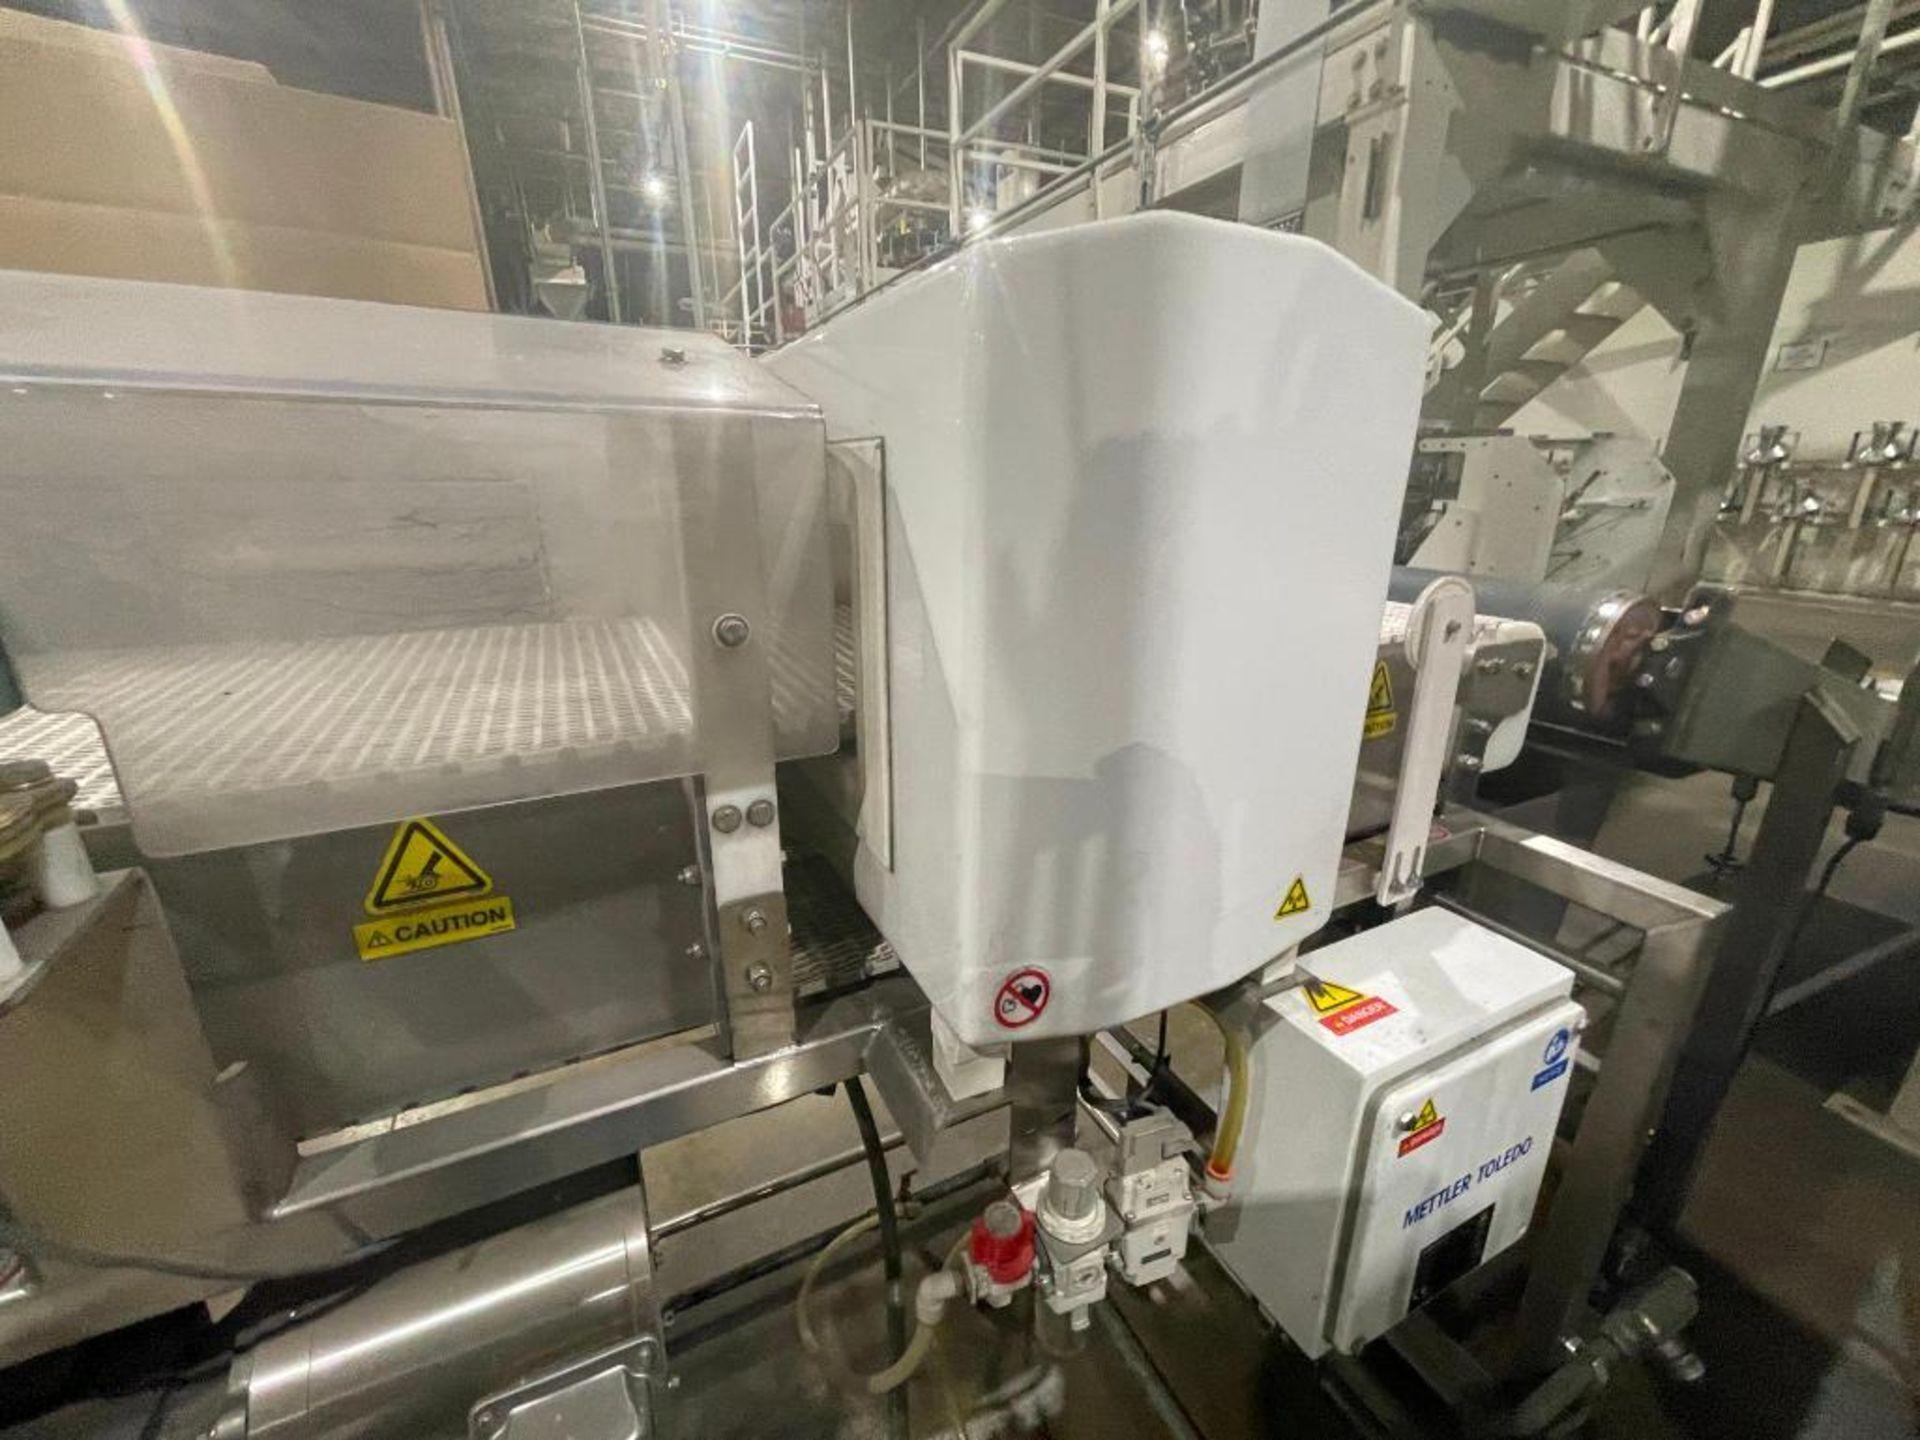 2016 Mettler Toledo metal detector, model SL1500 - Image 12 of 15